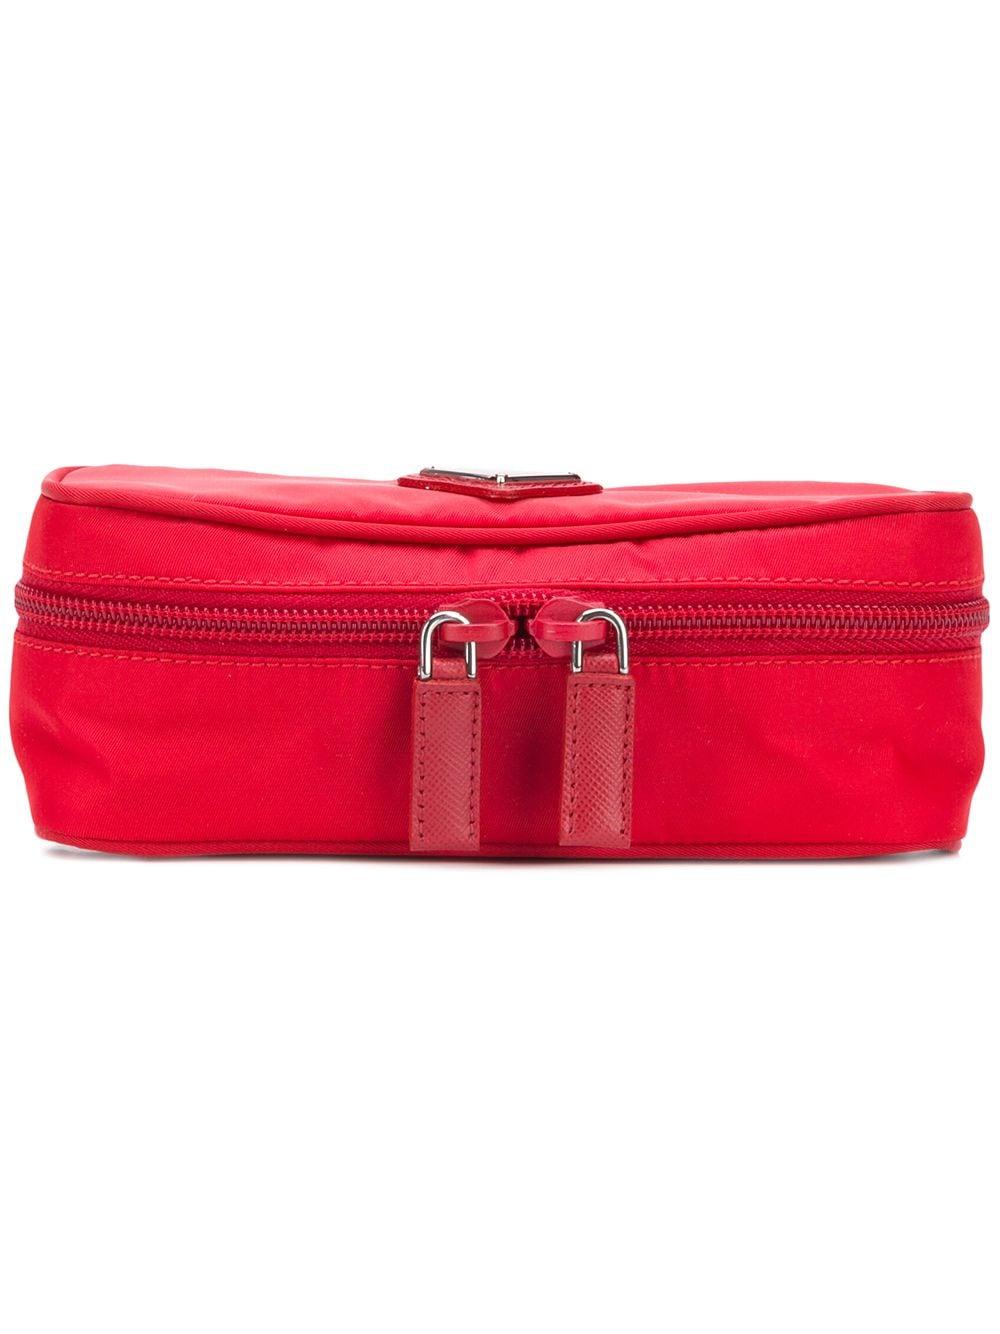 Prada Längliches Portemonnaie - Rot